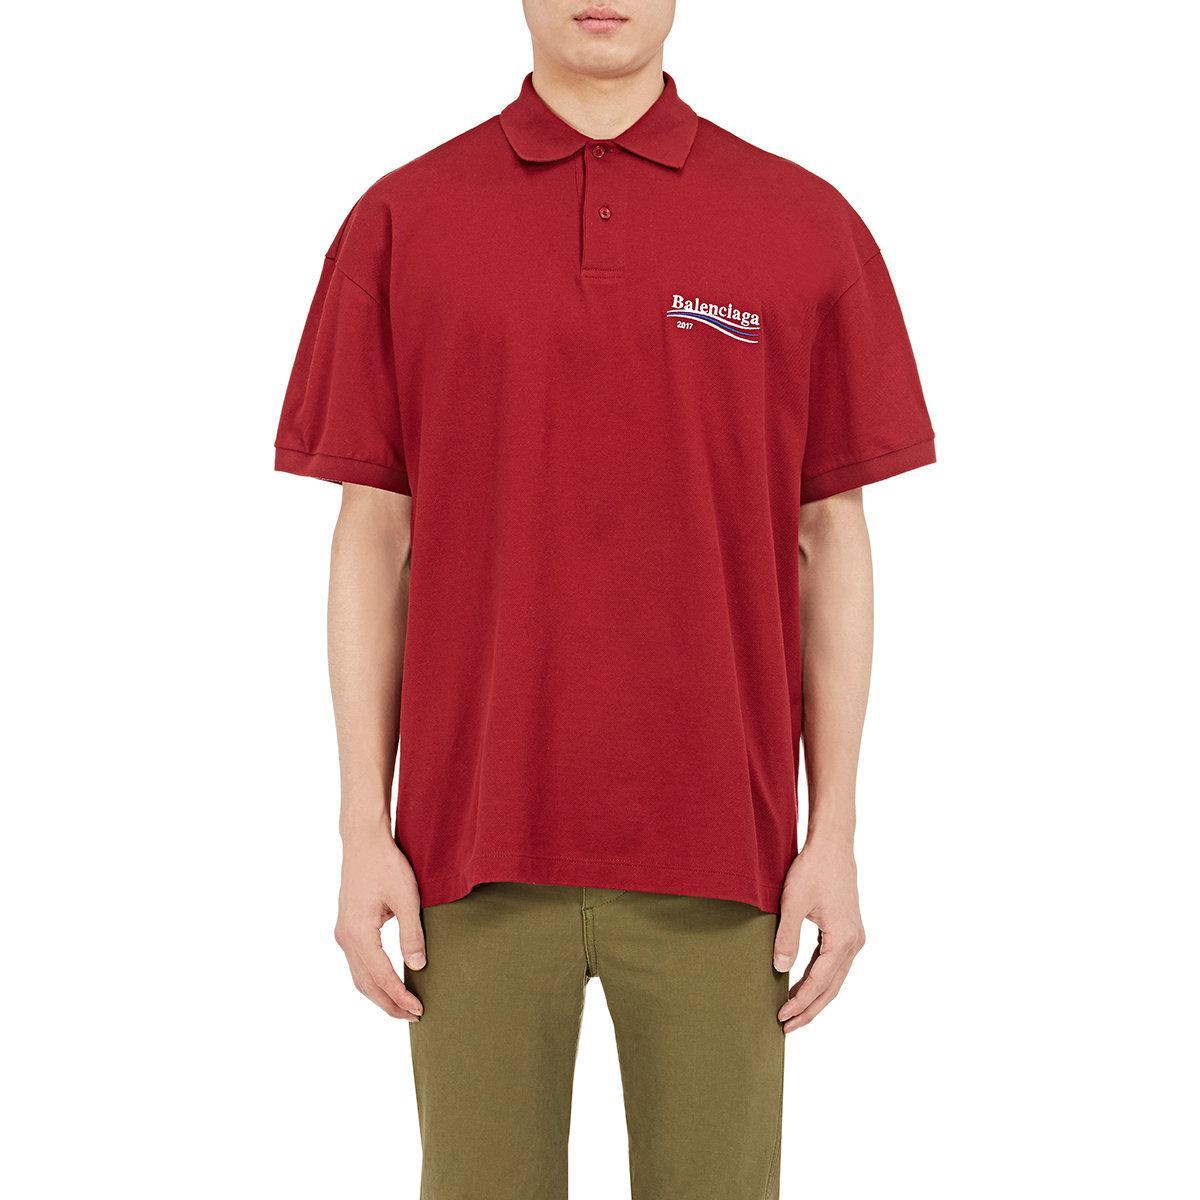 40eae0e7 Balenciaga Logo Cotton Polo Shirt in Red for Men - Lyst